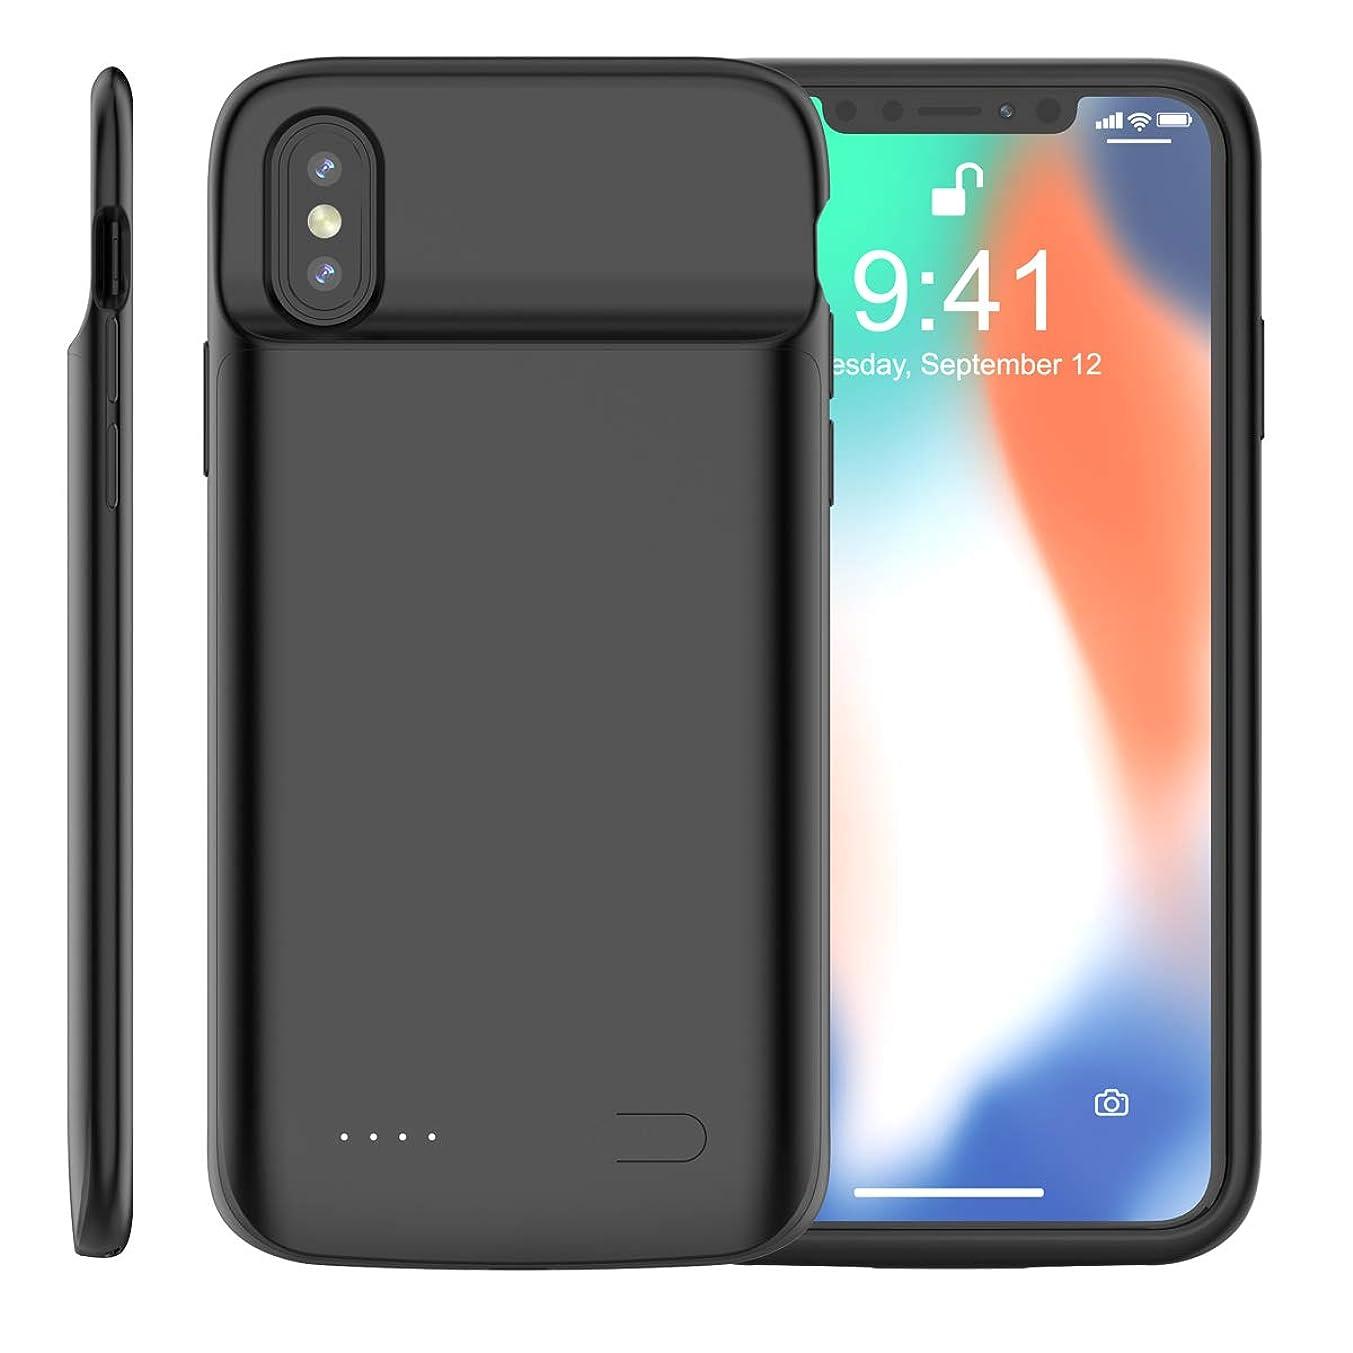 マルクス主義者オーバーラン選択するiPhoneX/XS 対応 バッテリーケース 4100mAh バッテリー内蔵ケース ケース iPhoneX/Xs バッテリー 適応 battery case iphone x/xr大容量 黒